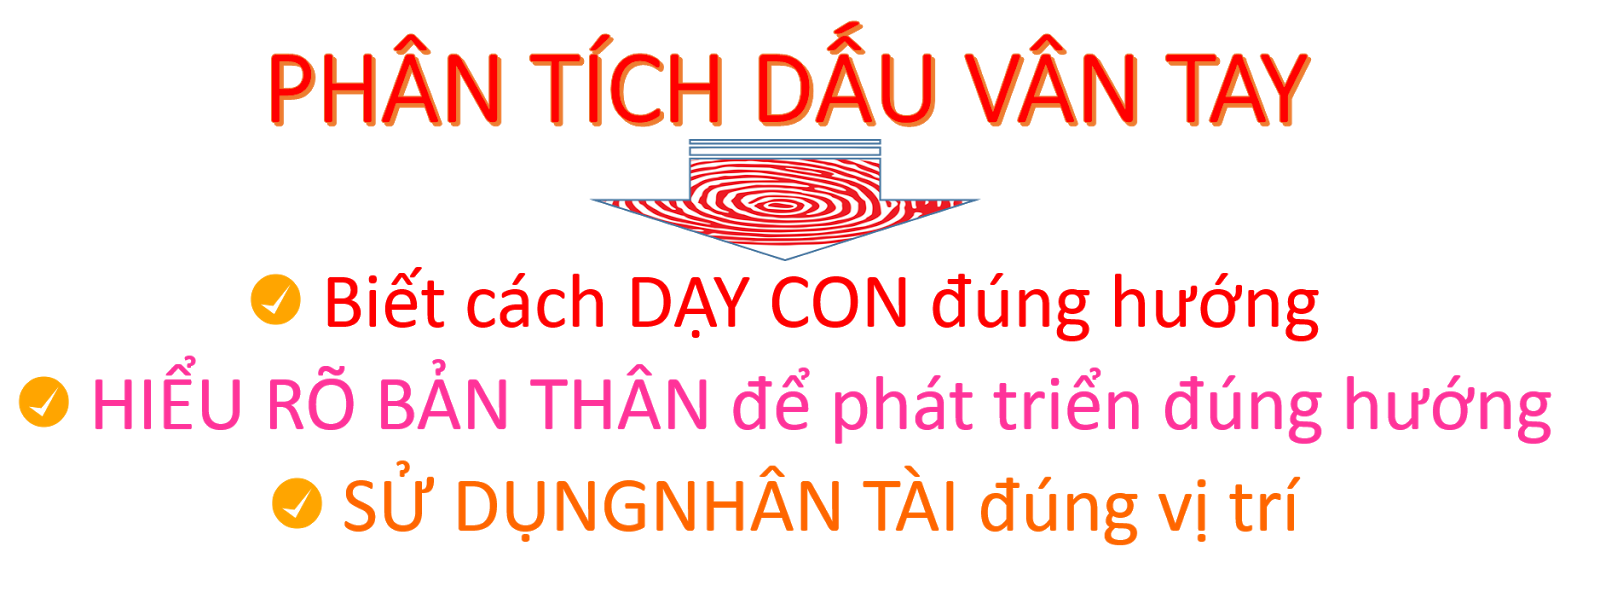 Phân-tích-dấu-vân-tay-giúp-cá nhân-phu huynh-doanh nghiệp, Phan-tich-dau-van-tay-giup-ca-nhan-phu-huynh-doanh-nghiep